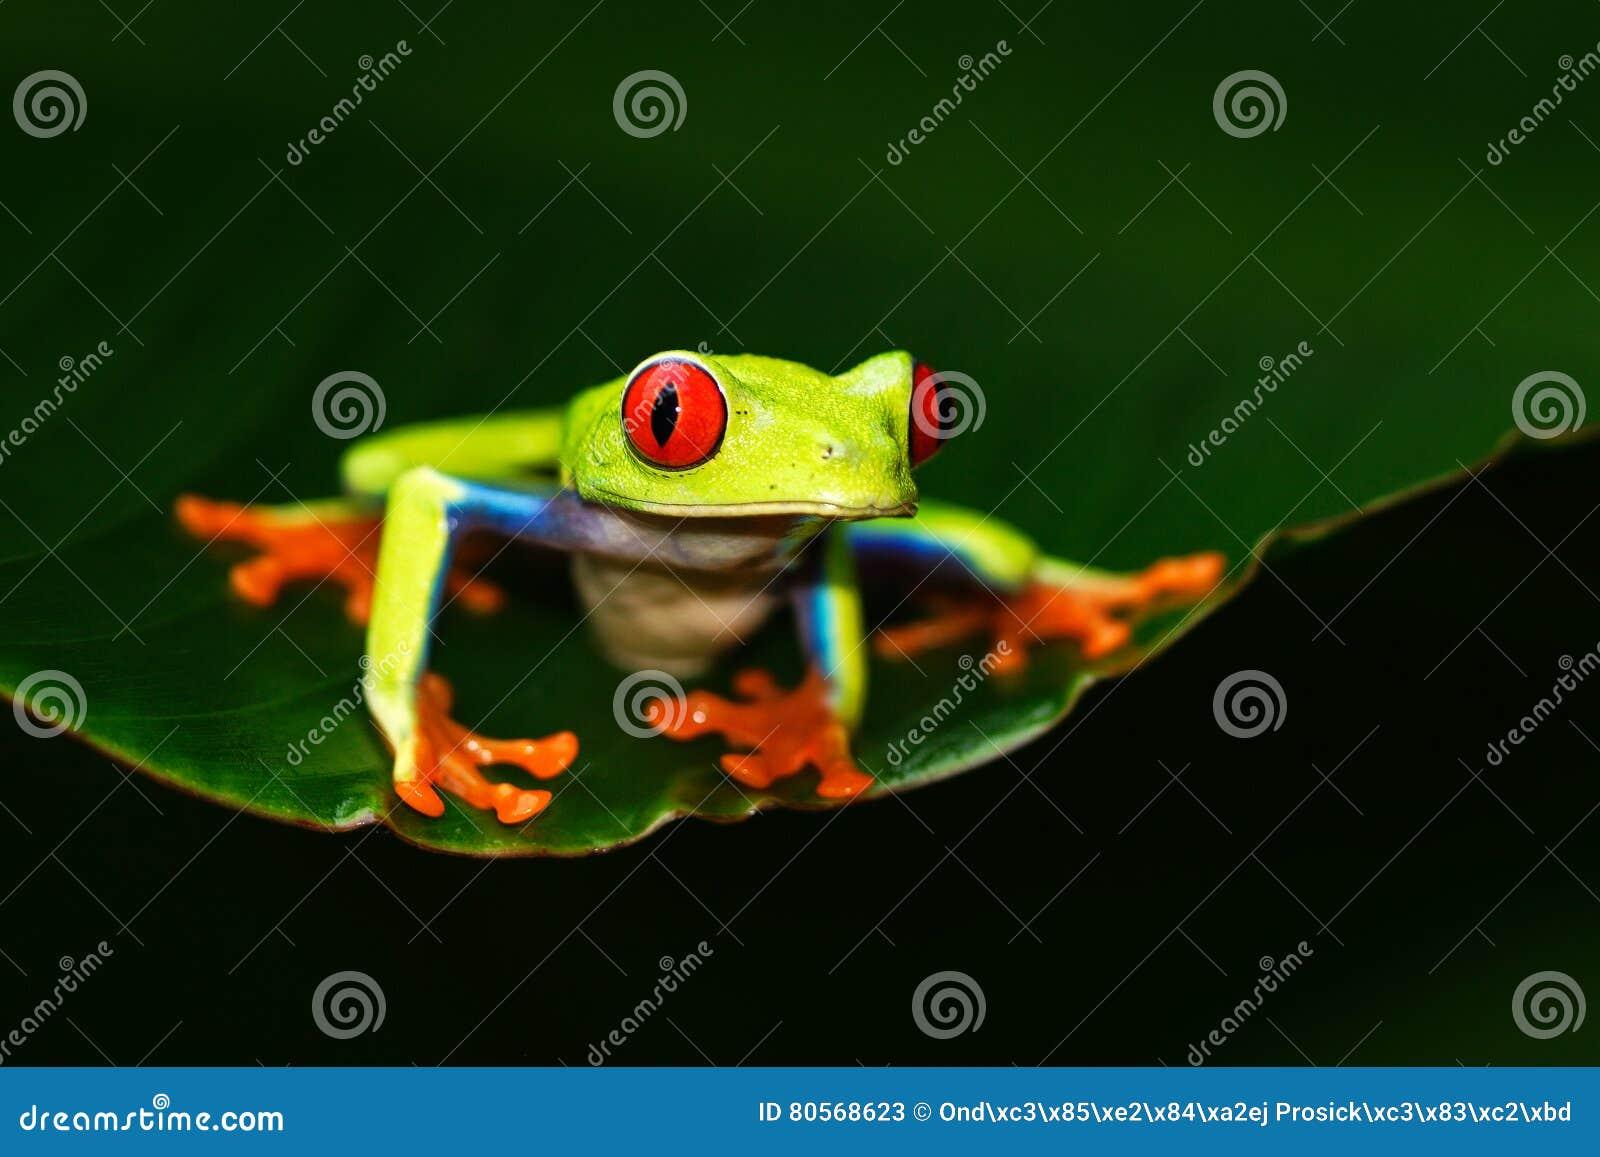 Wunderbar Frosch Auge Anatomie Ideen - Menschliche Anatomie Bilder ...